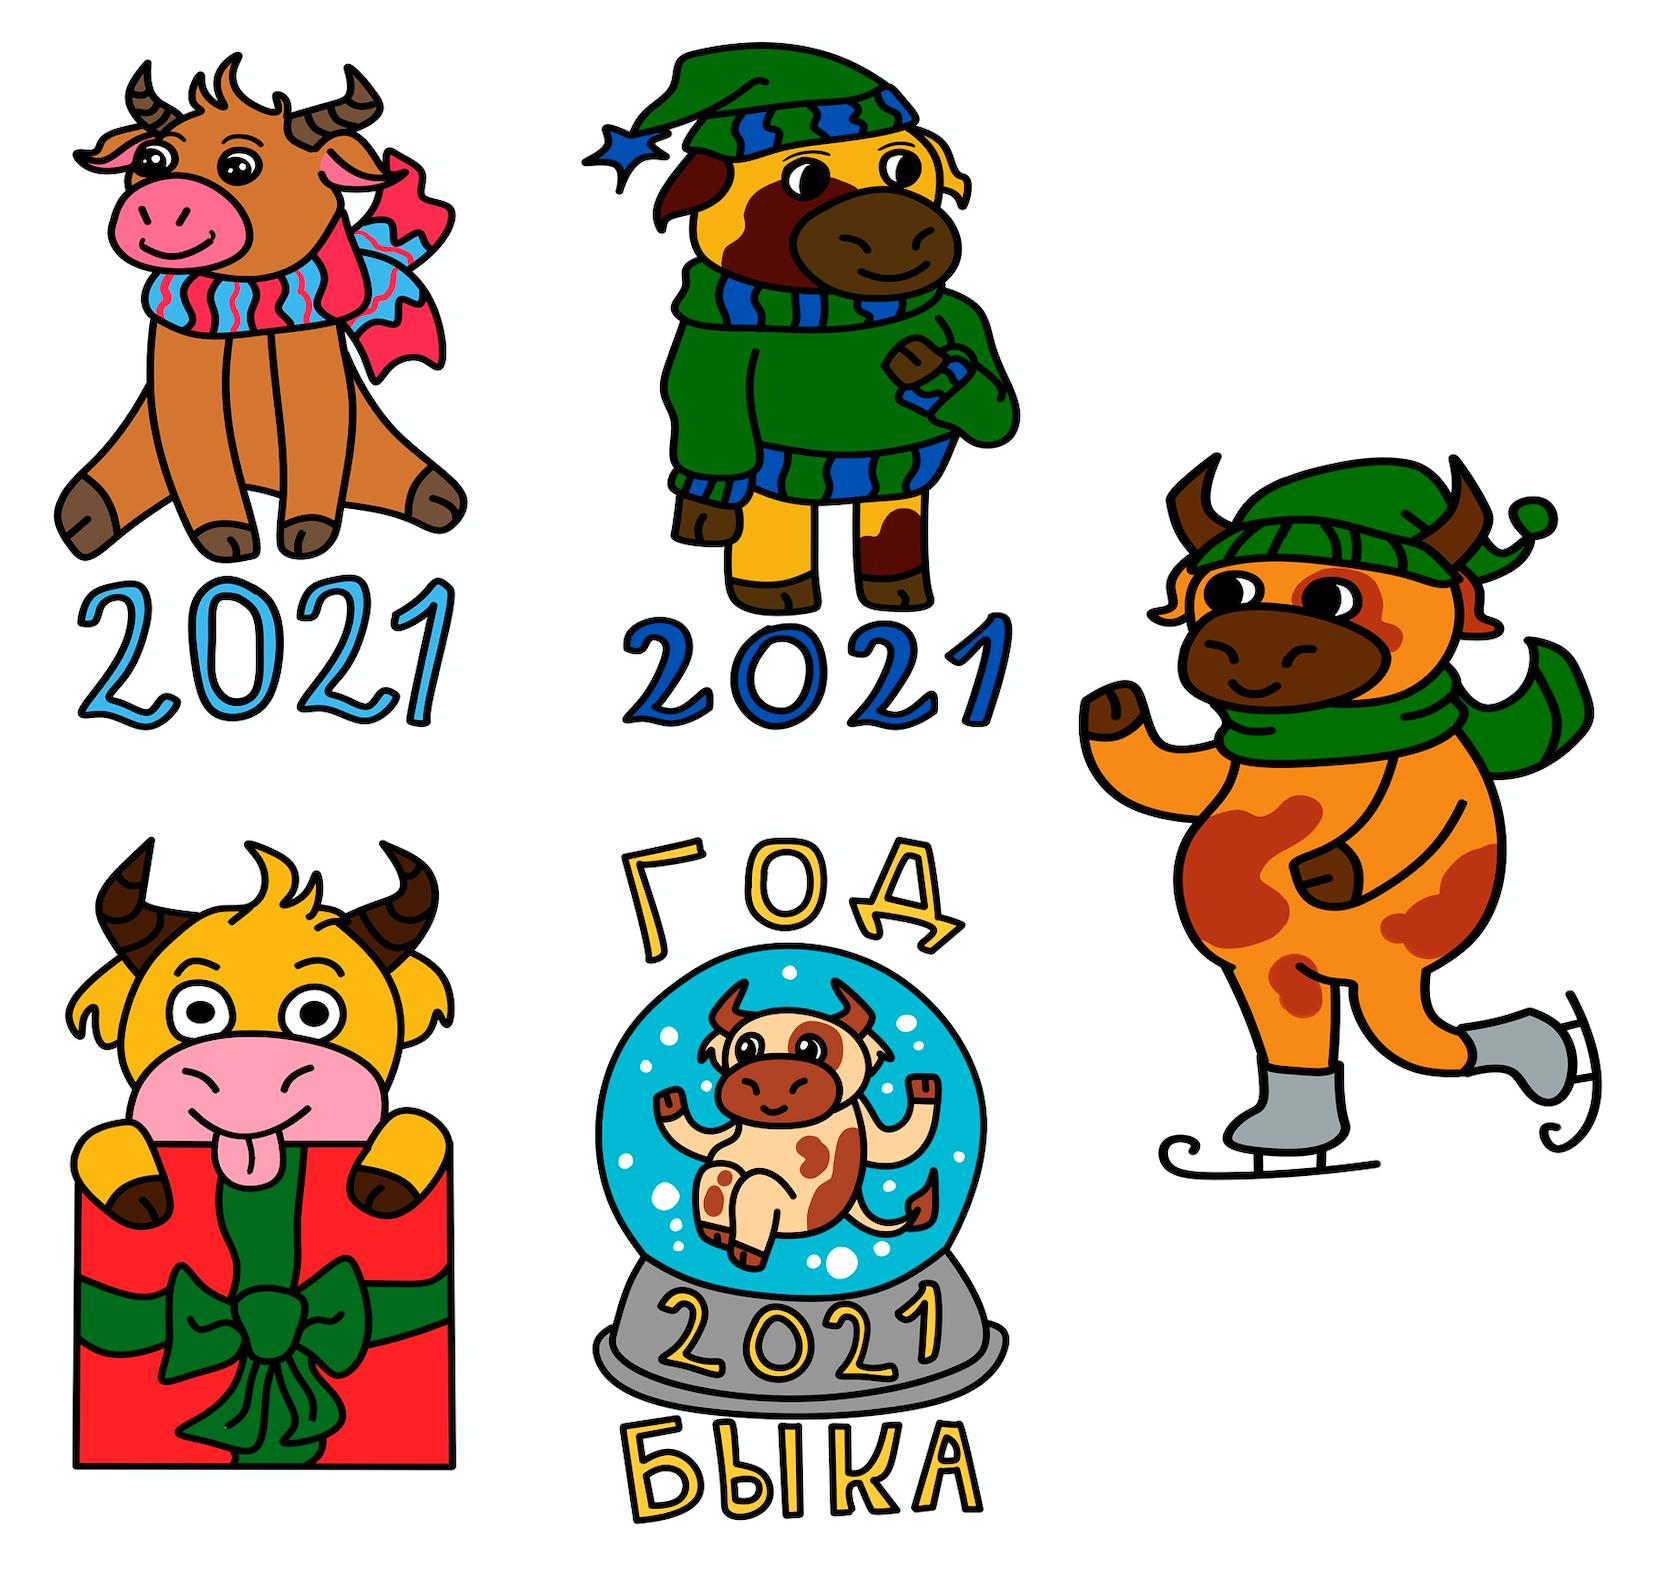 Создать рисунки быков, символа 2021 года, для реализации в м фото f_8775ee6613f706ed.png